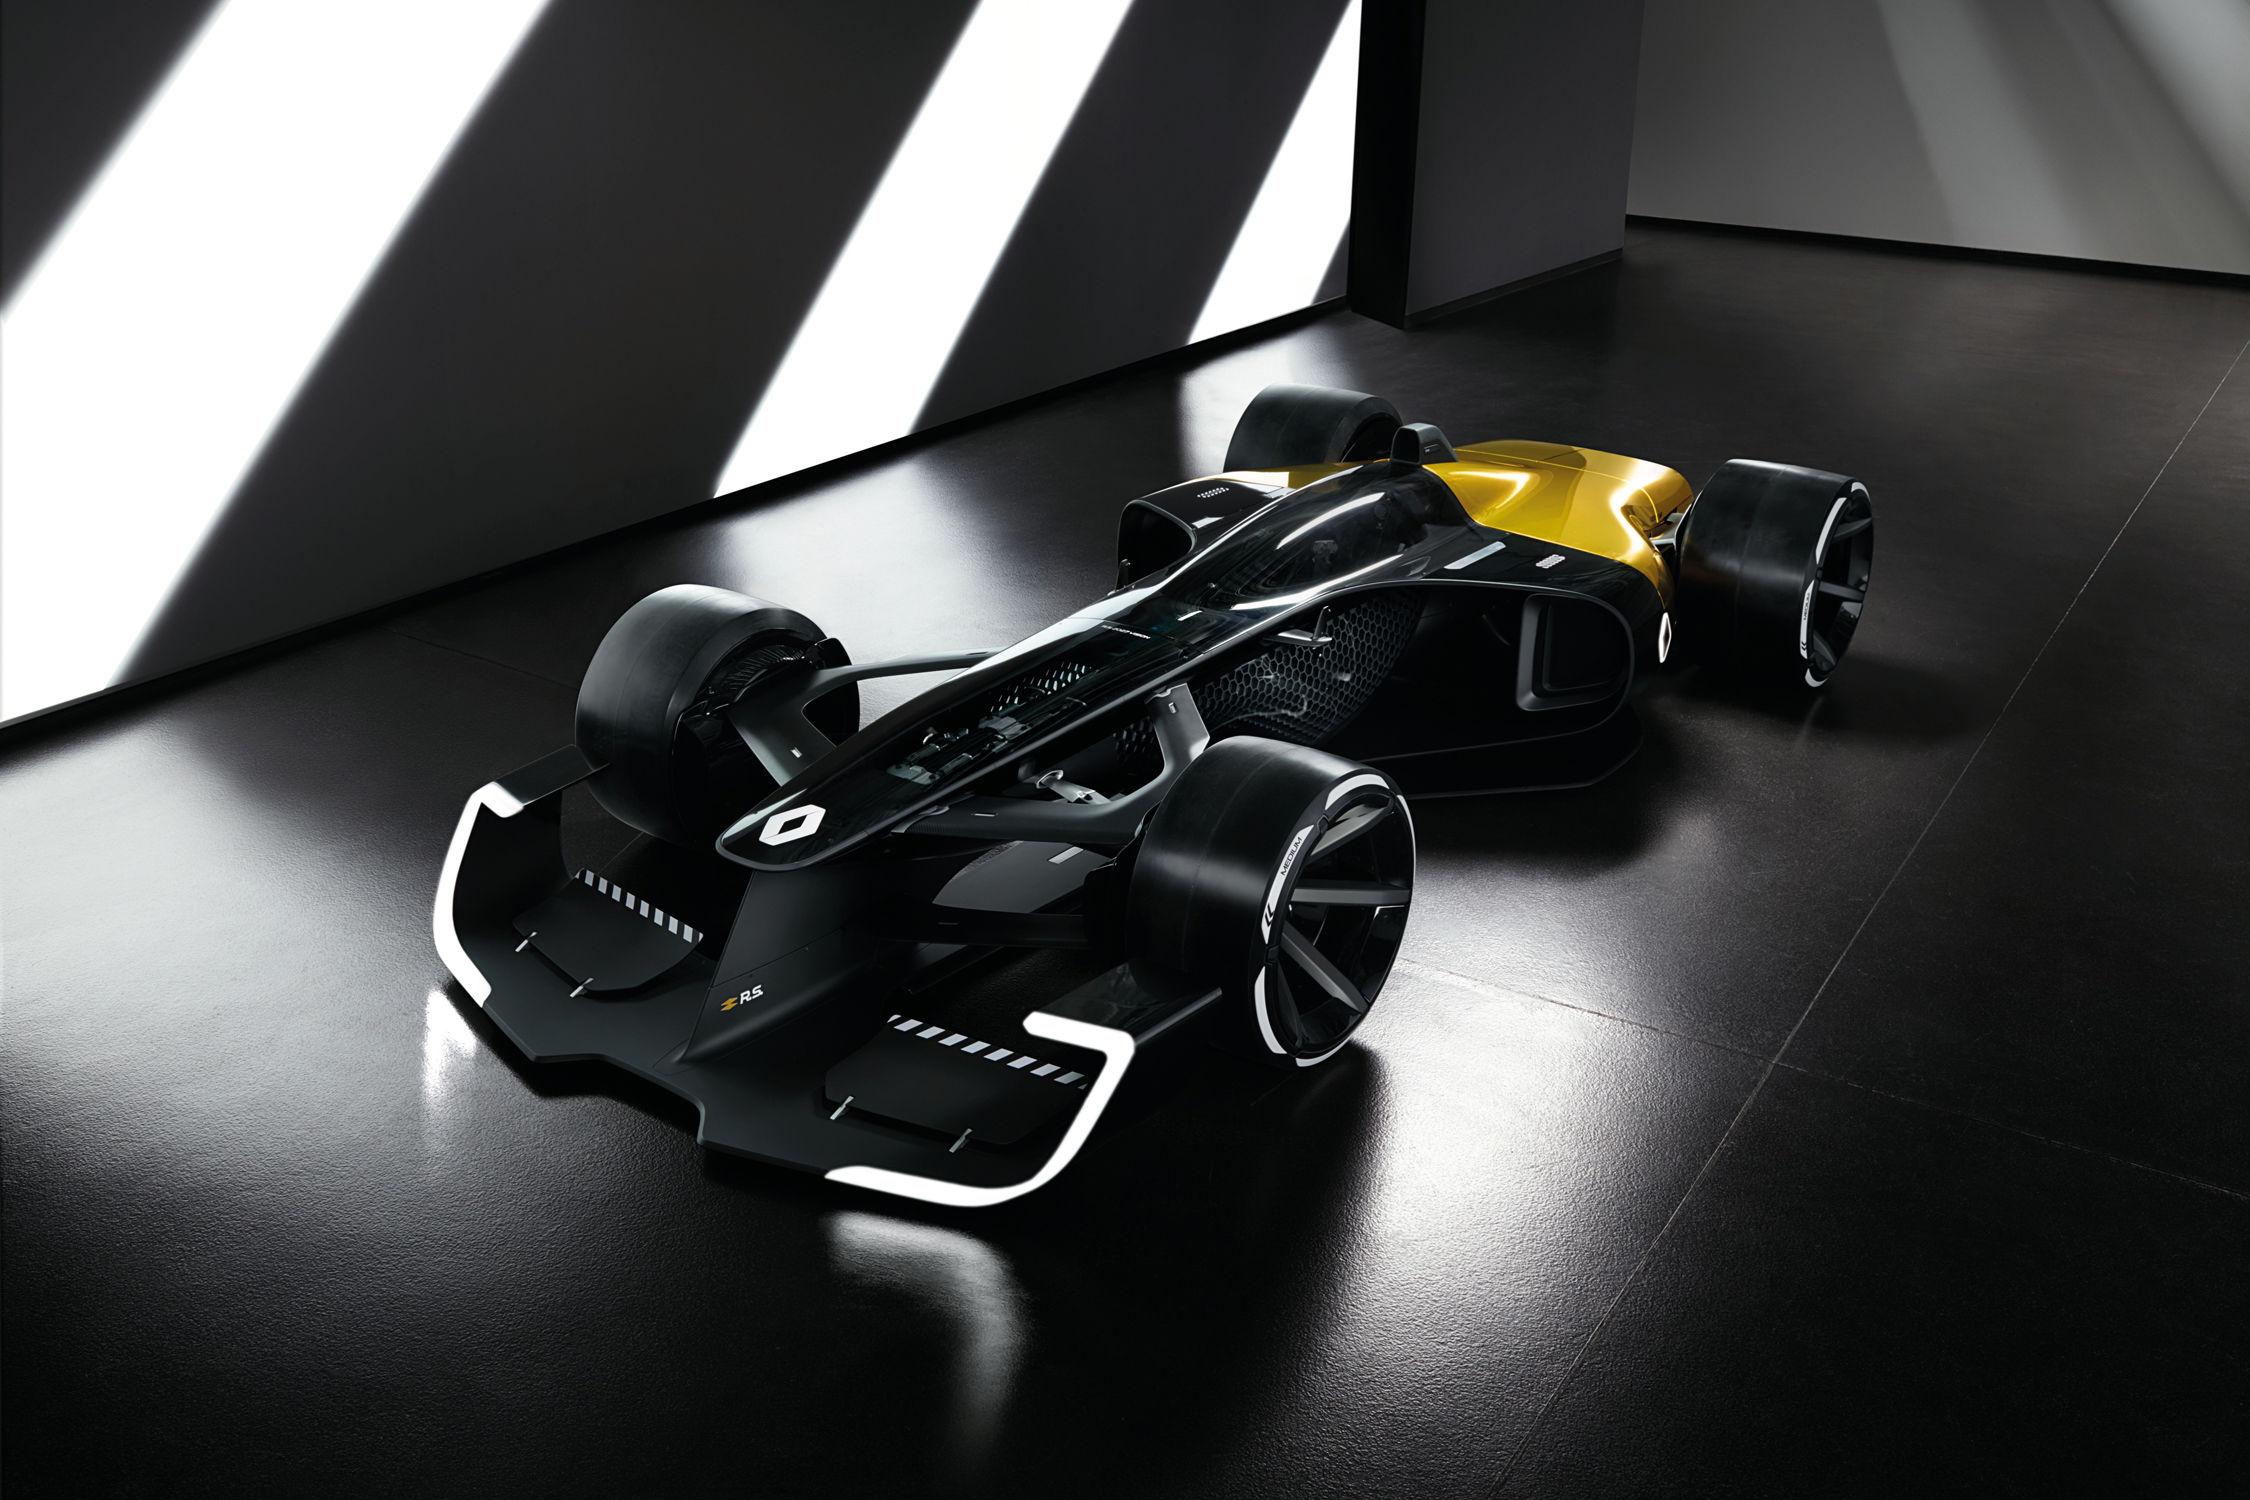 La Renault F1 du futur passe à l'action — Vidéo